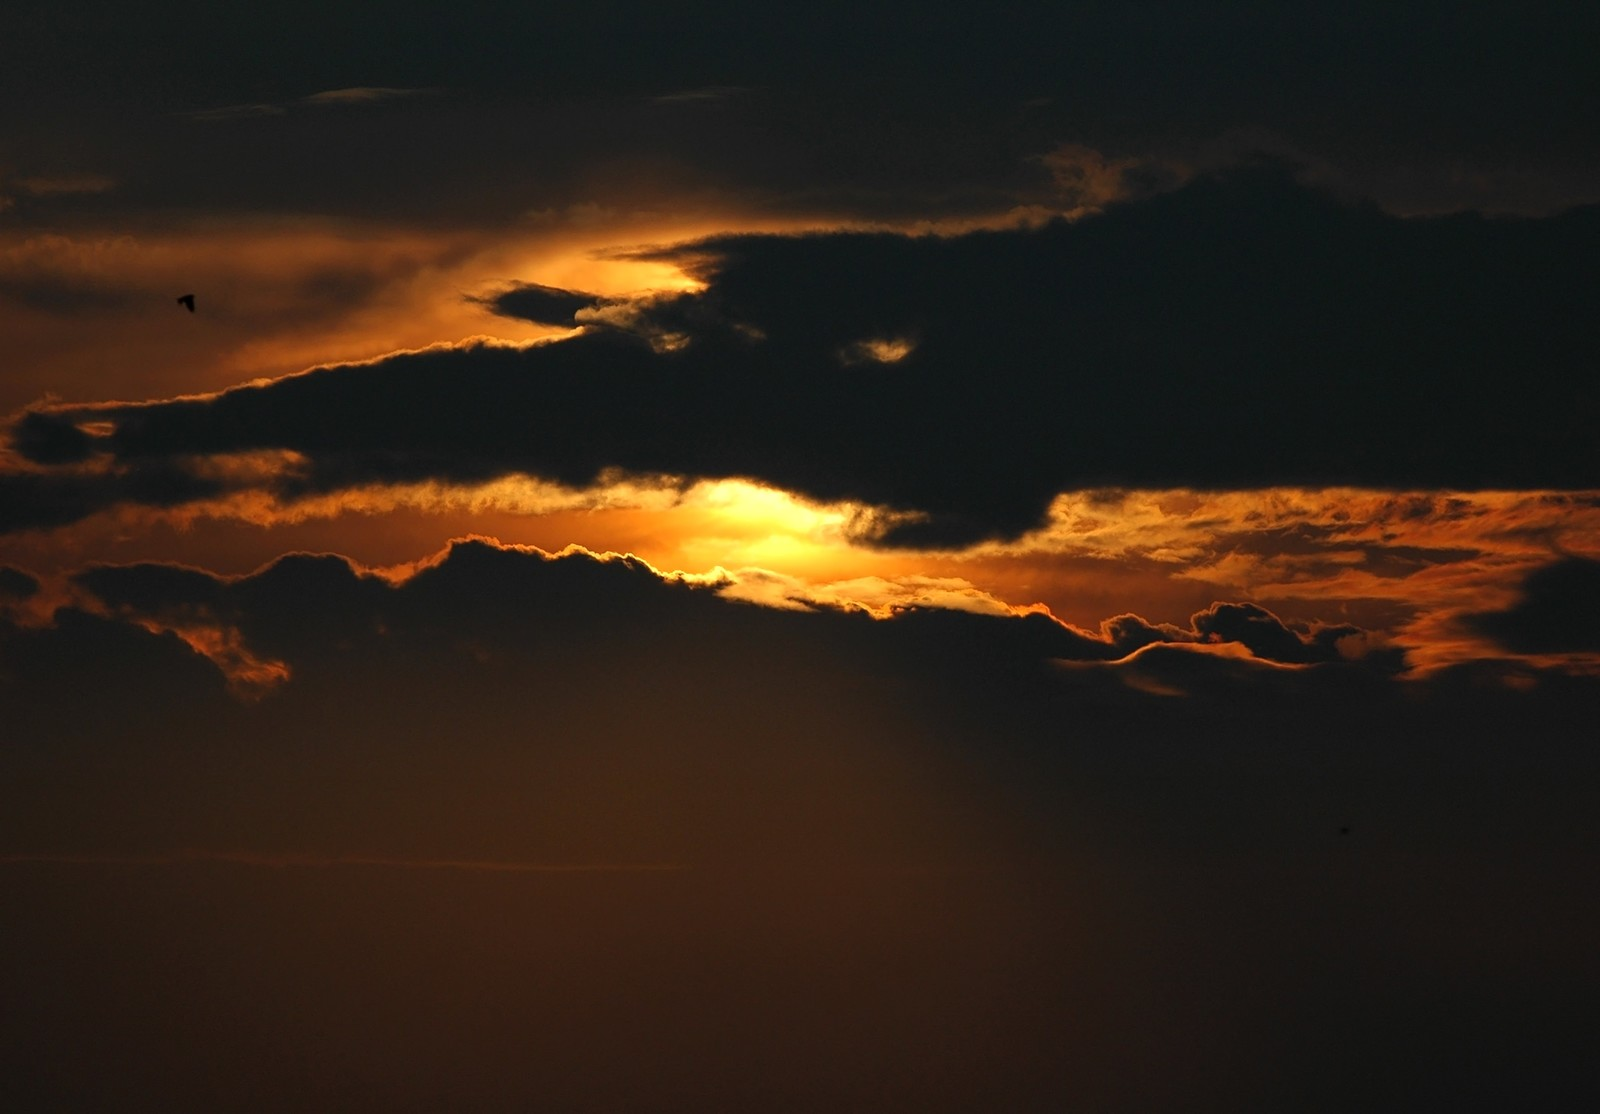 「家路の夕焼け空家路の夕焼け空」のフリー写真素材を拡大